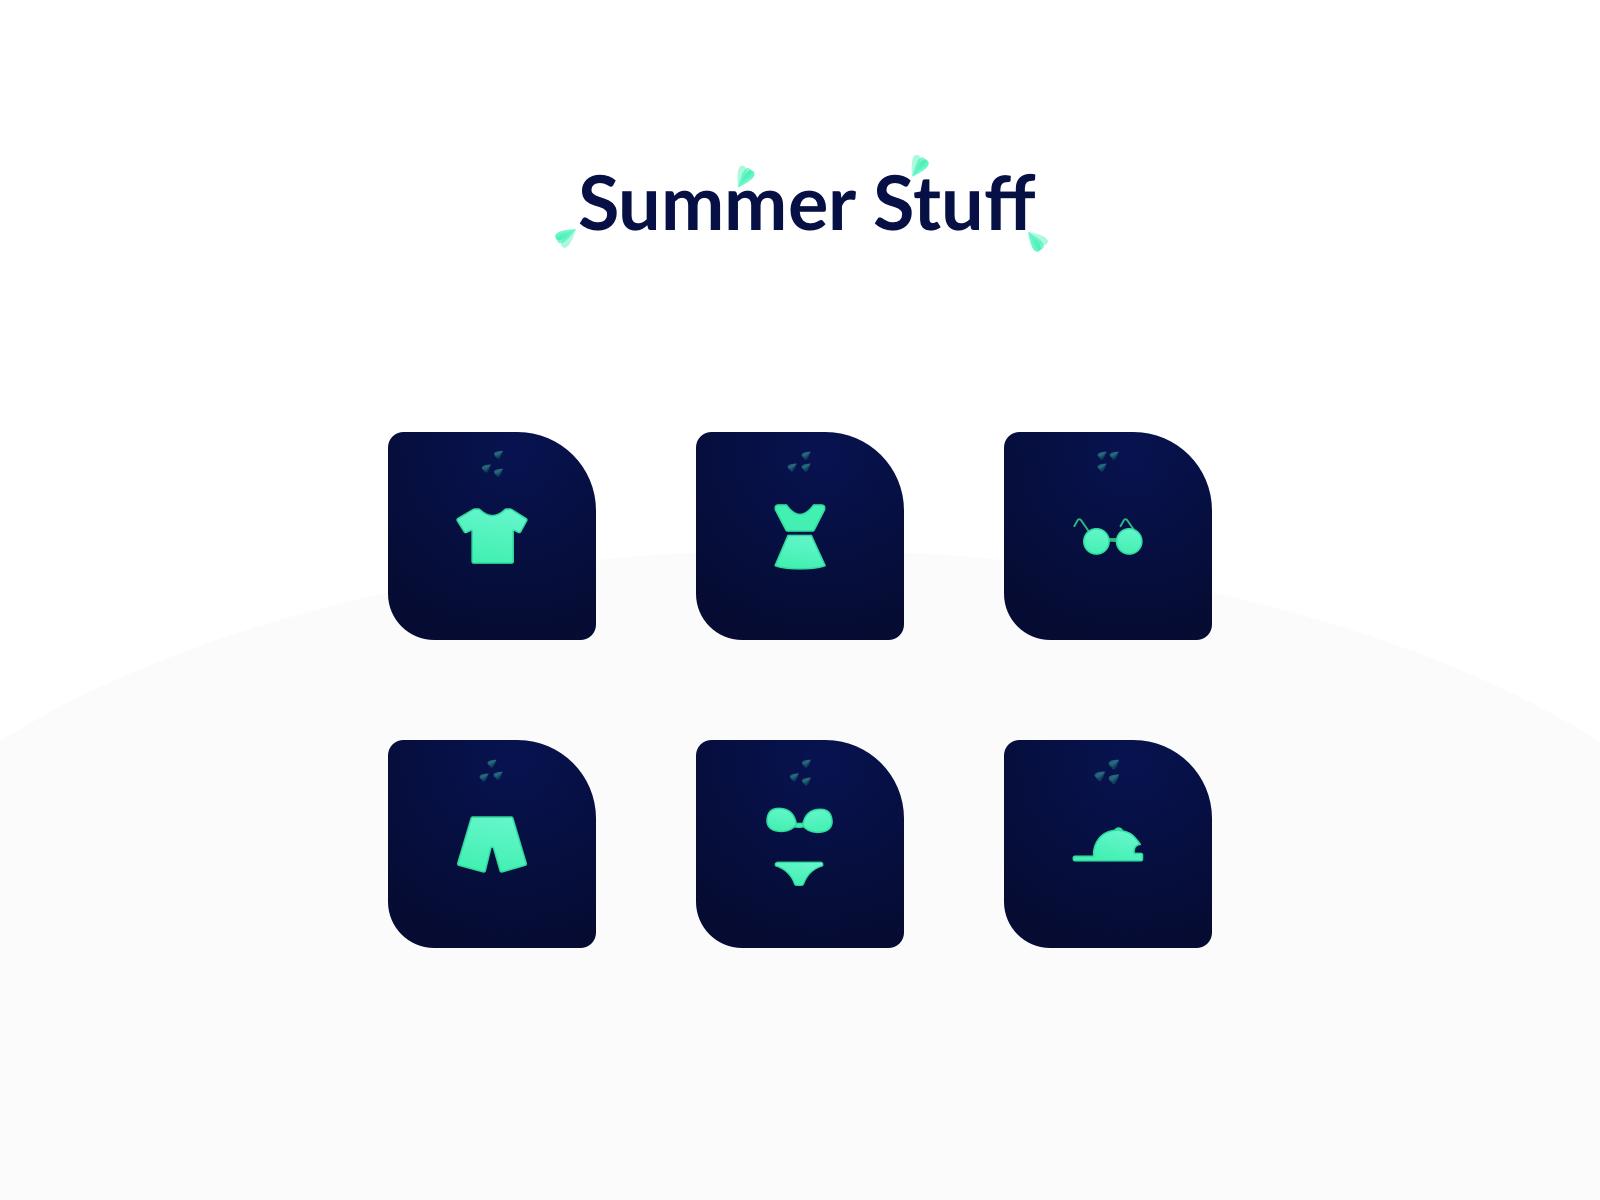 Summer stuff